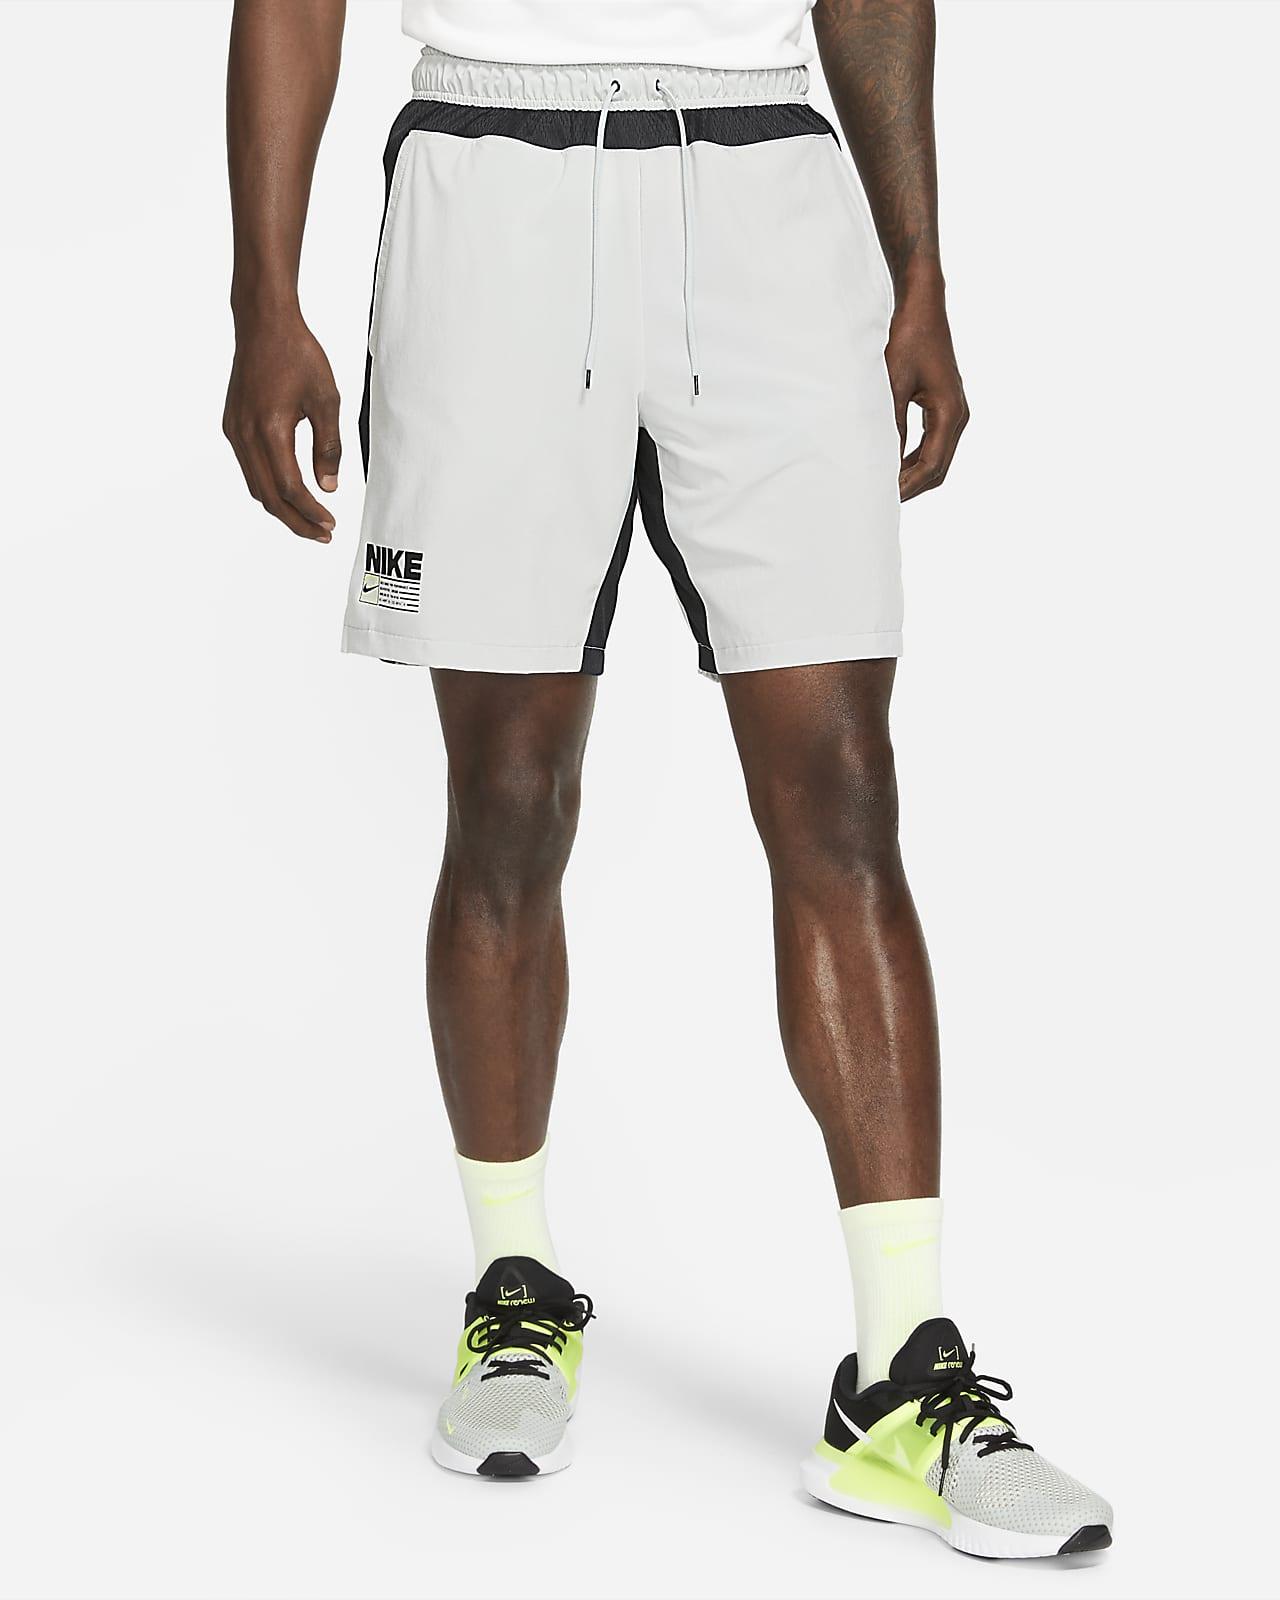 Nike Flex 男款圖案訓練短褲